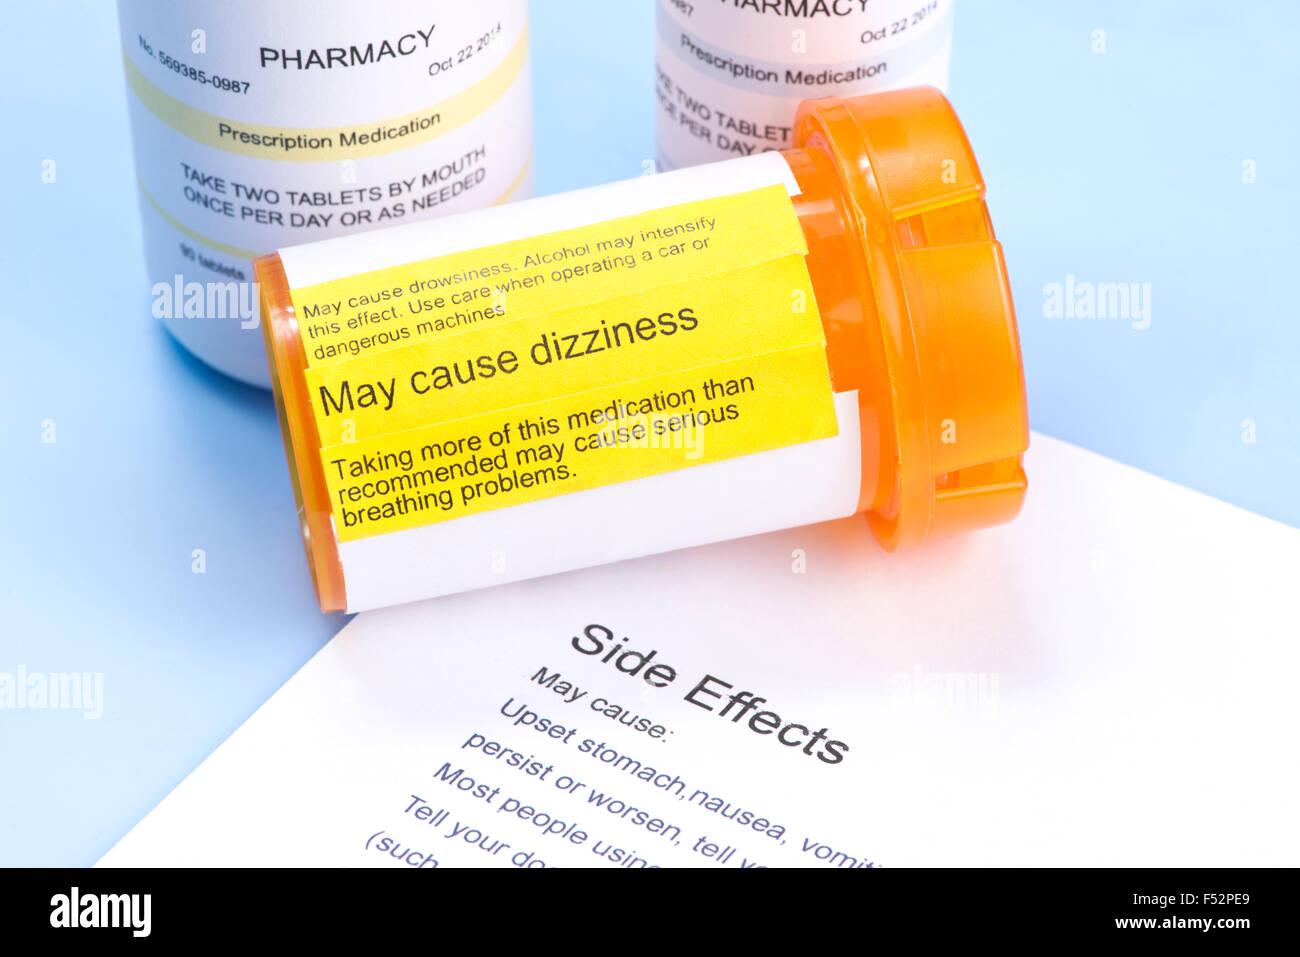 Prescription Bottle With Warning Label And Drug Side